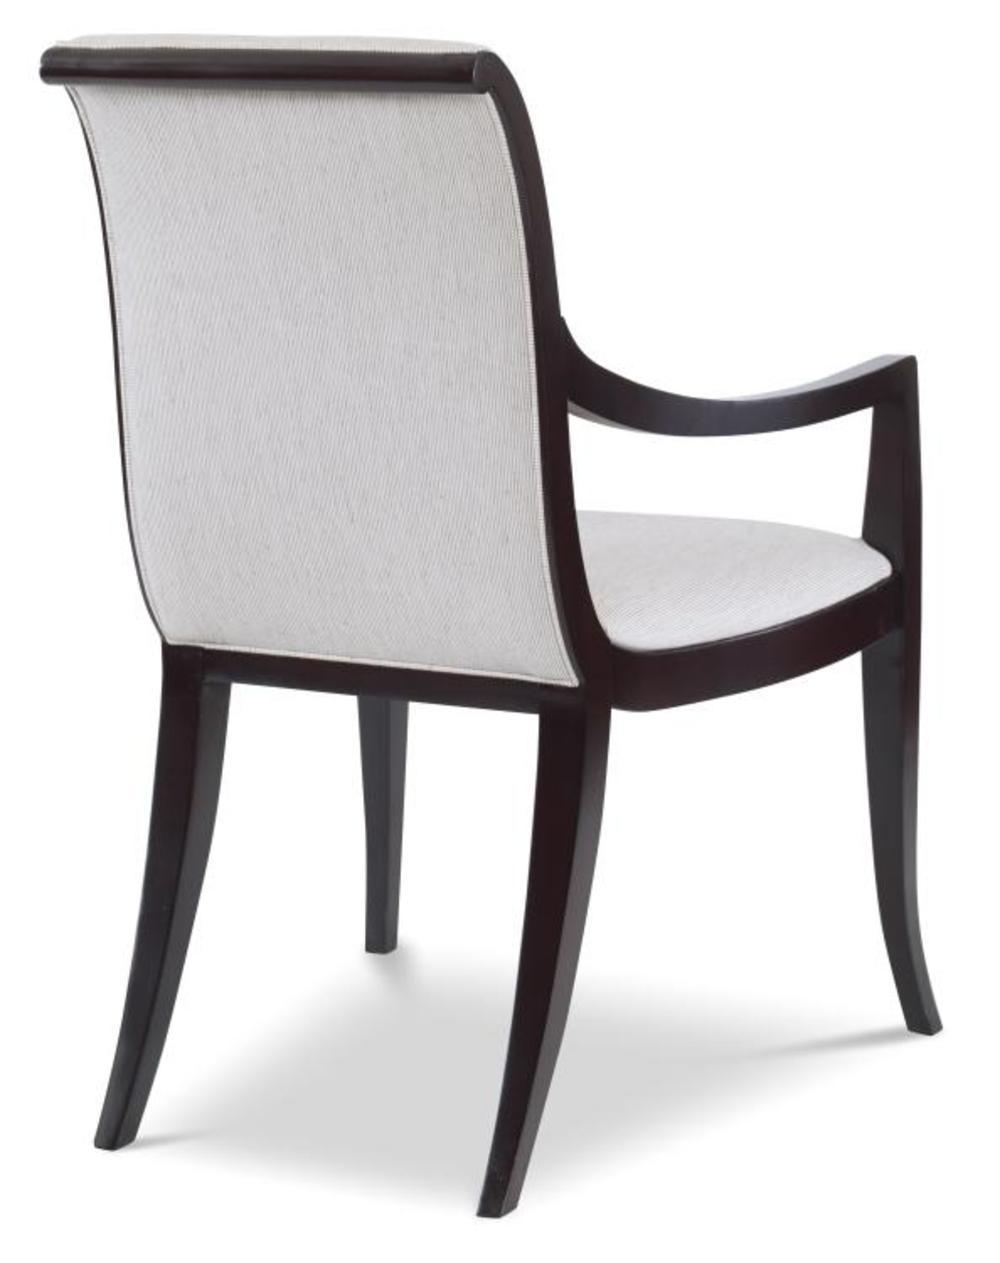 CENTURY FURNITURE - Parr Arm Chair